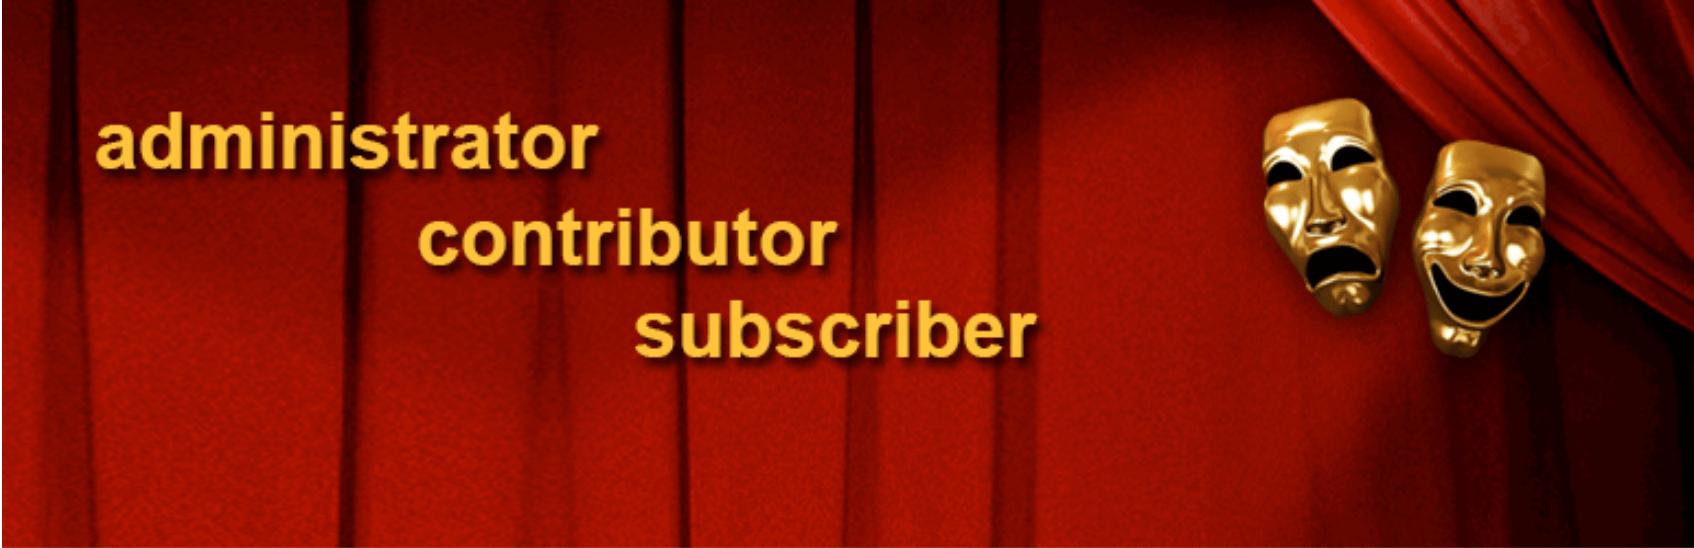 The User Role Editor WordPress plugin.